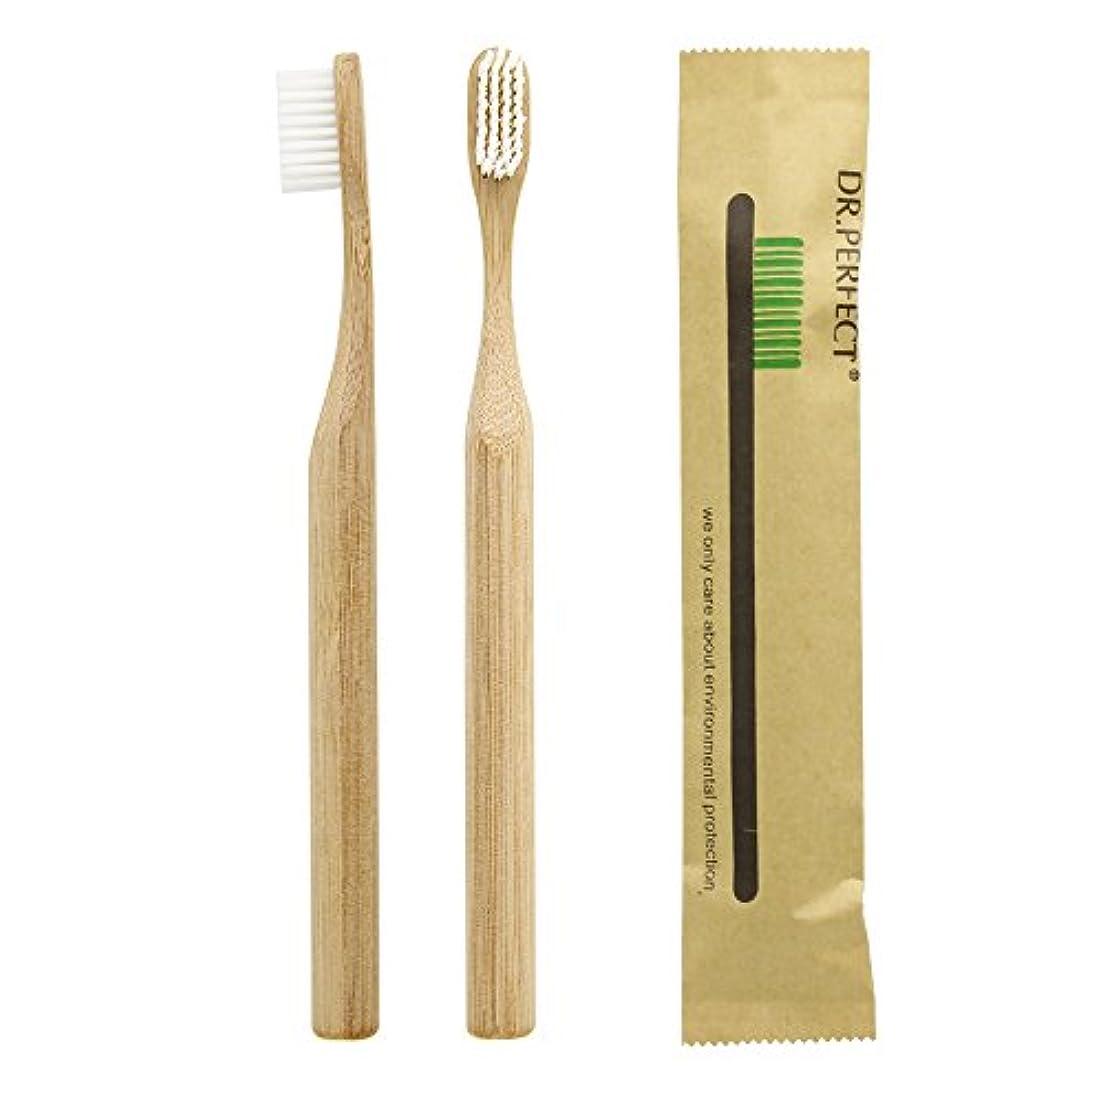 変色する立方体情熱的Dr.Perfect Bamboo Toothbrush アダルト竹の歯ブラシ ナイロン毛 環境にやさしい製品 (ホワイト)